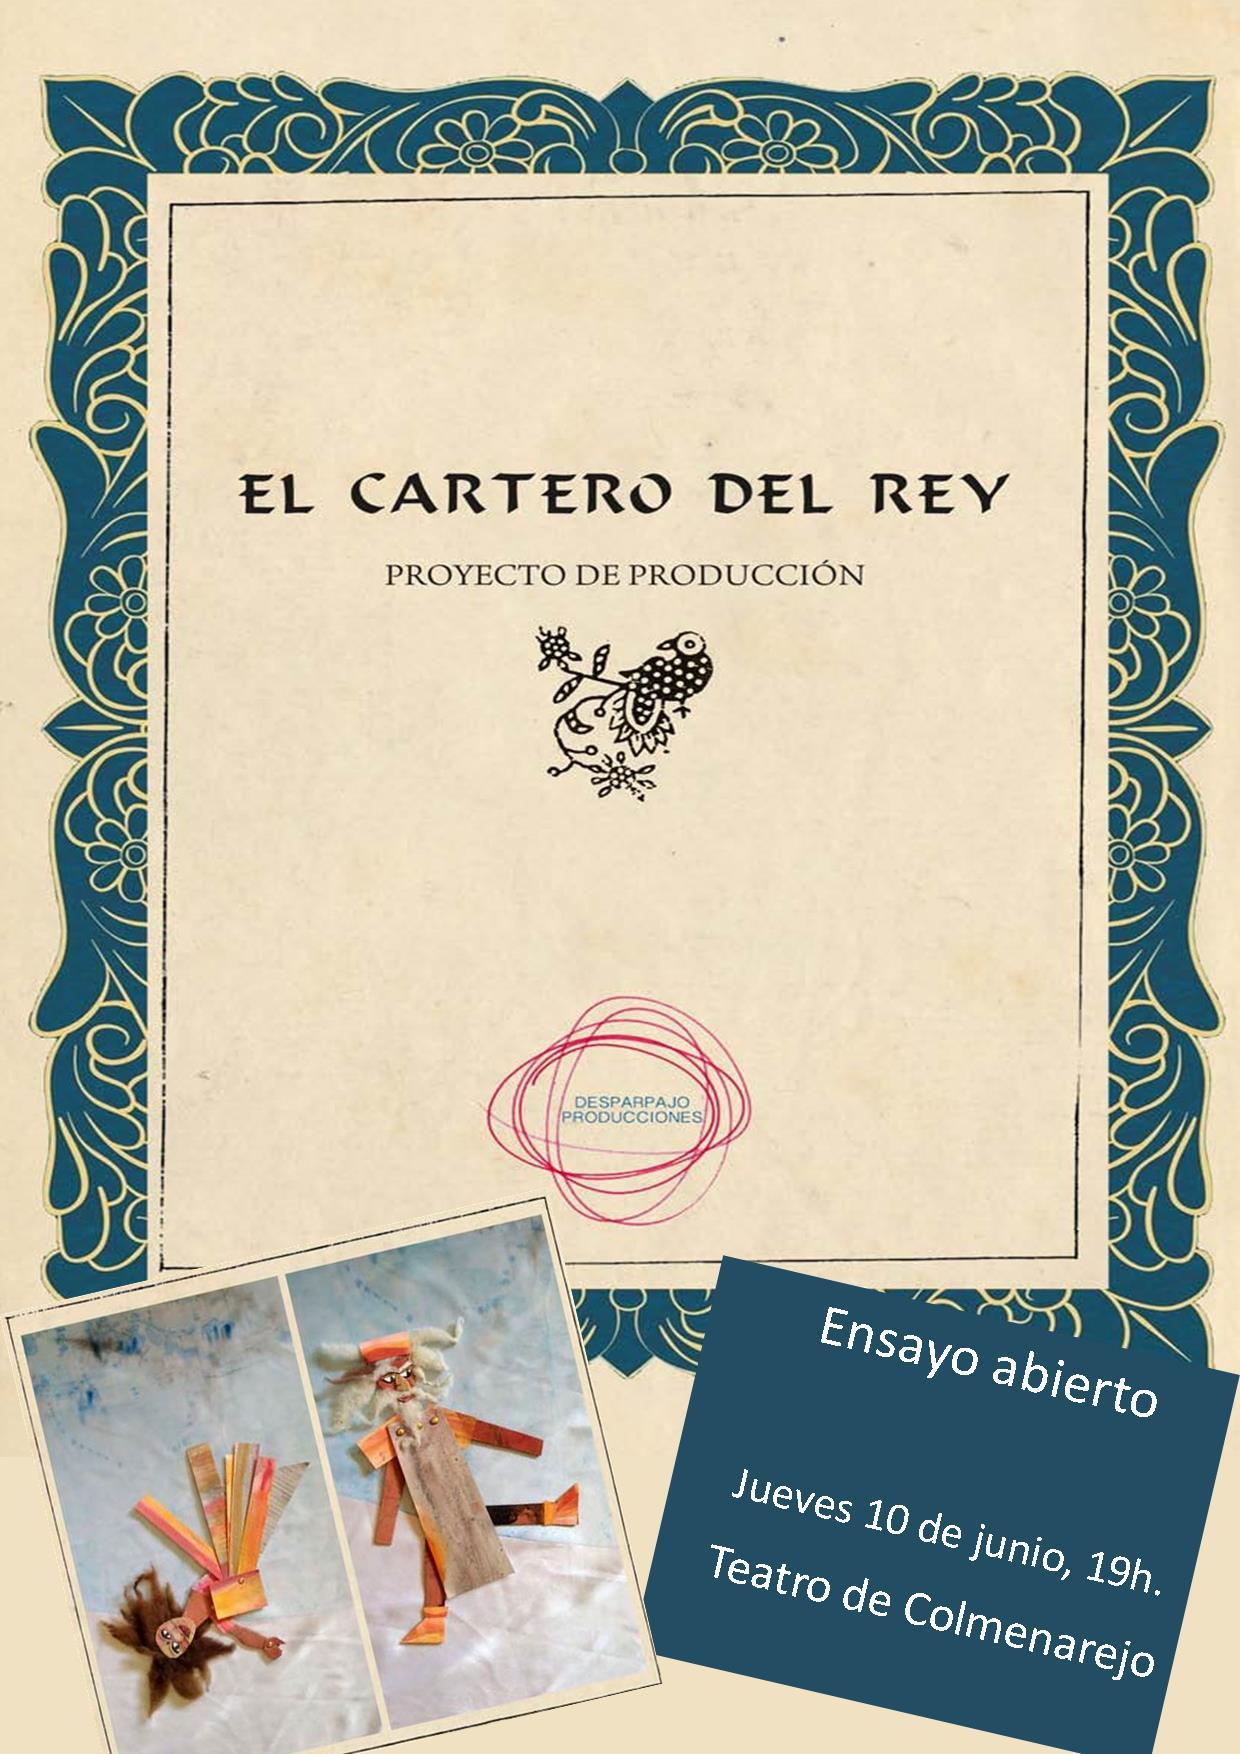 Ensayo abierto: EL CARTERO DEL REY @ Teatro de Colmenarejo